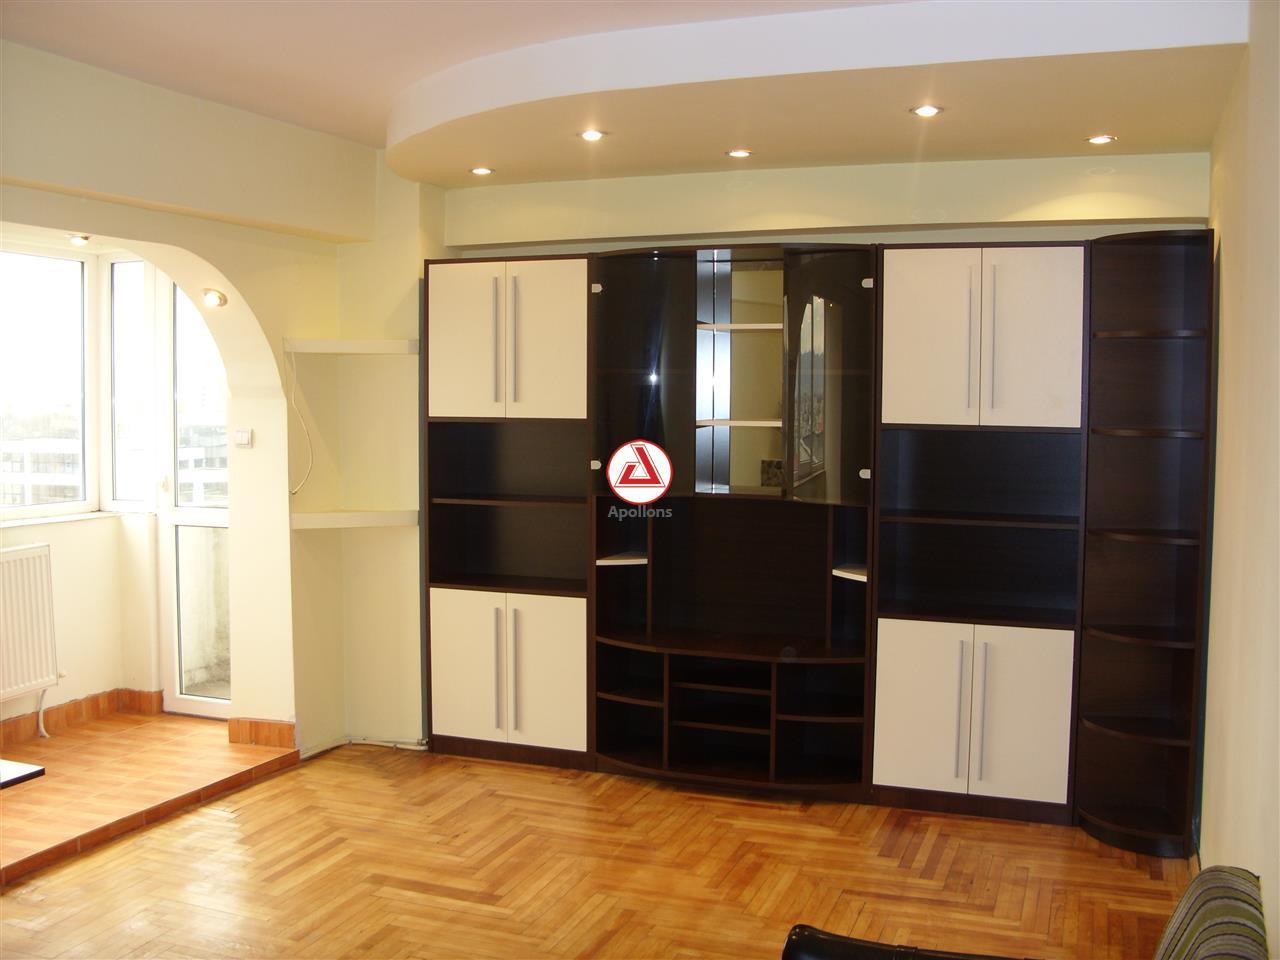 Apartament 2 camere situat in Bacau, zona Centrala